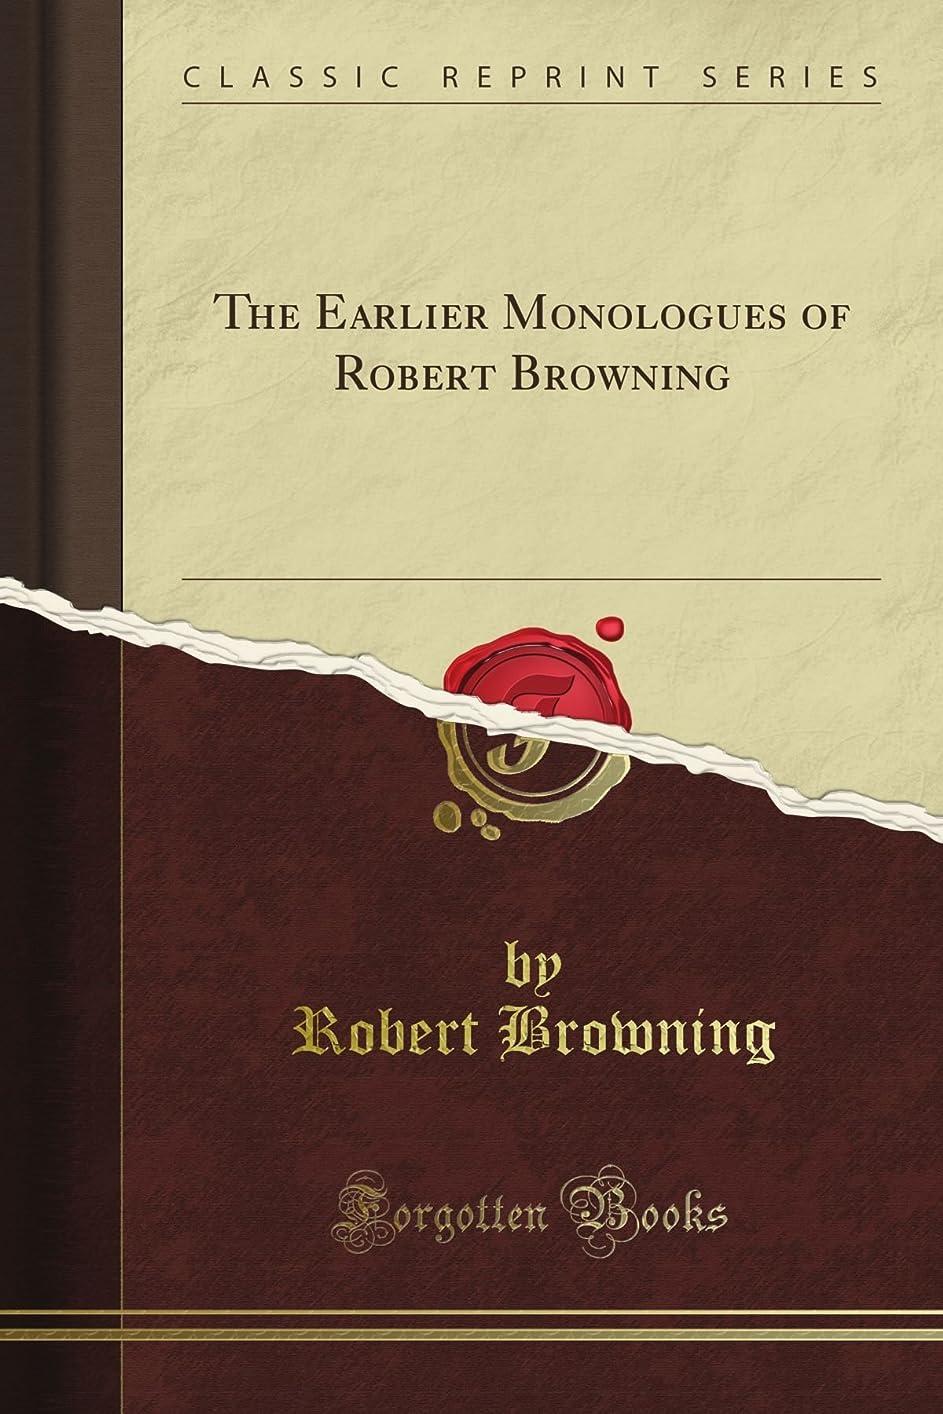 未使用安全でない歌うThe Earlier Monologues of Robert Browning (Classic Reprint)